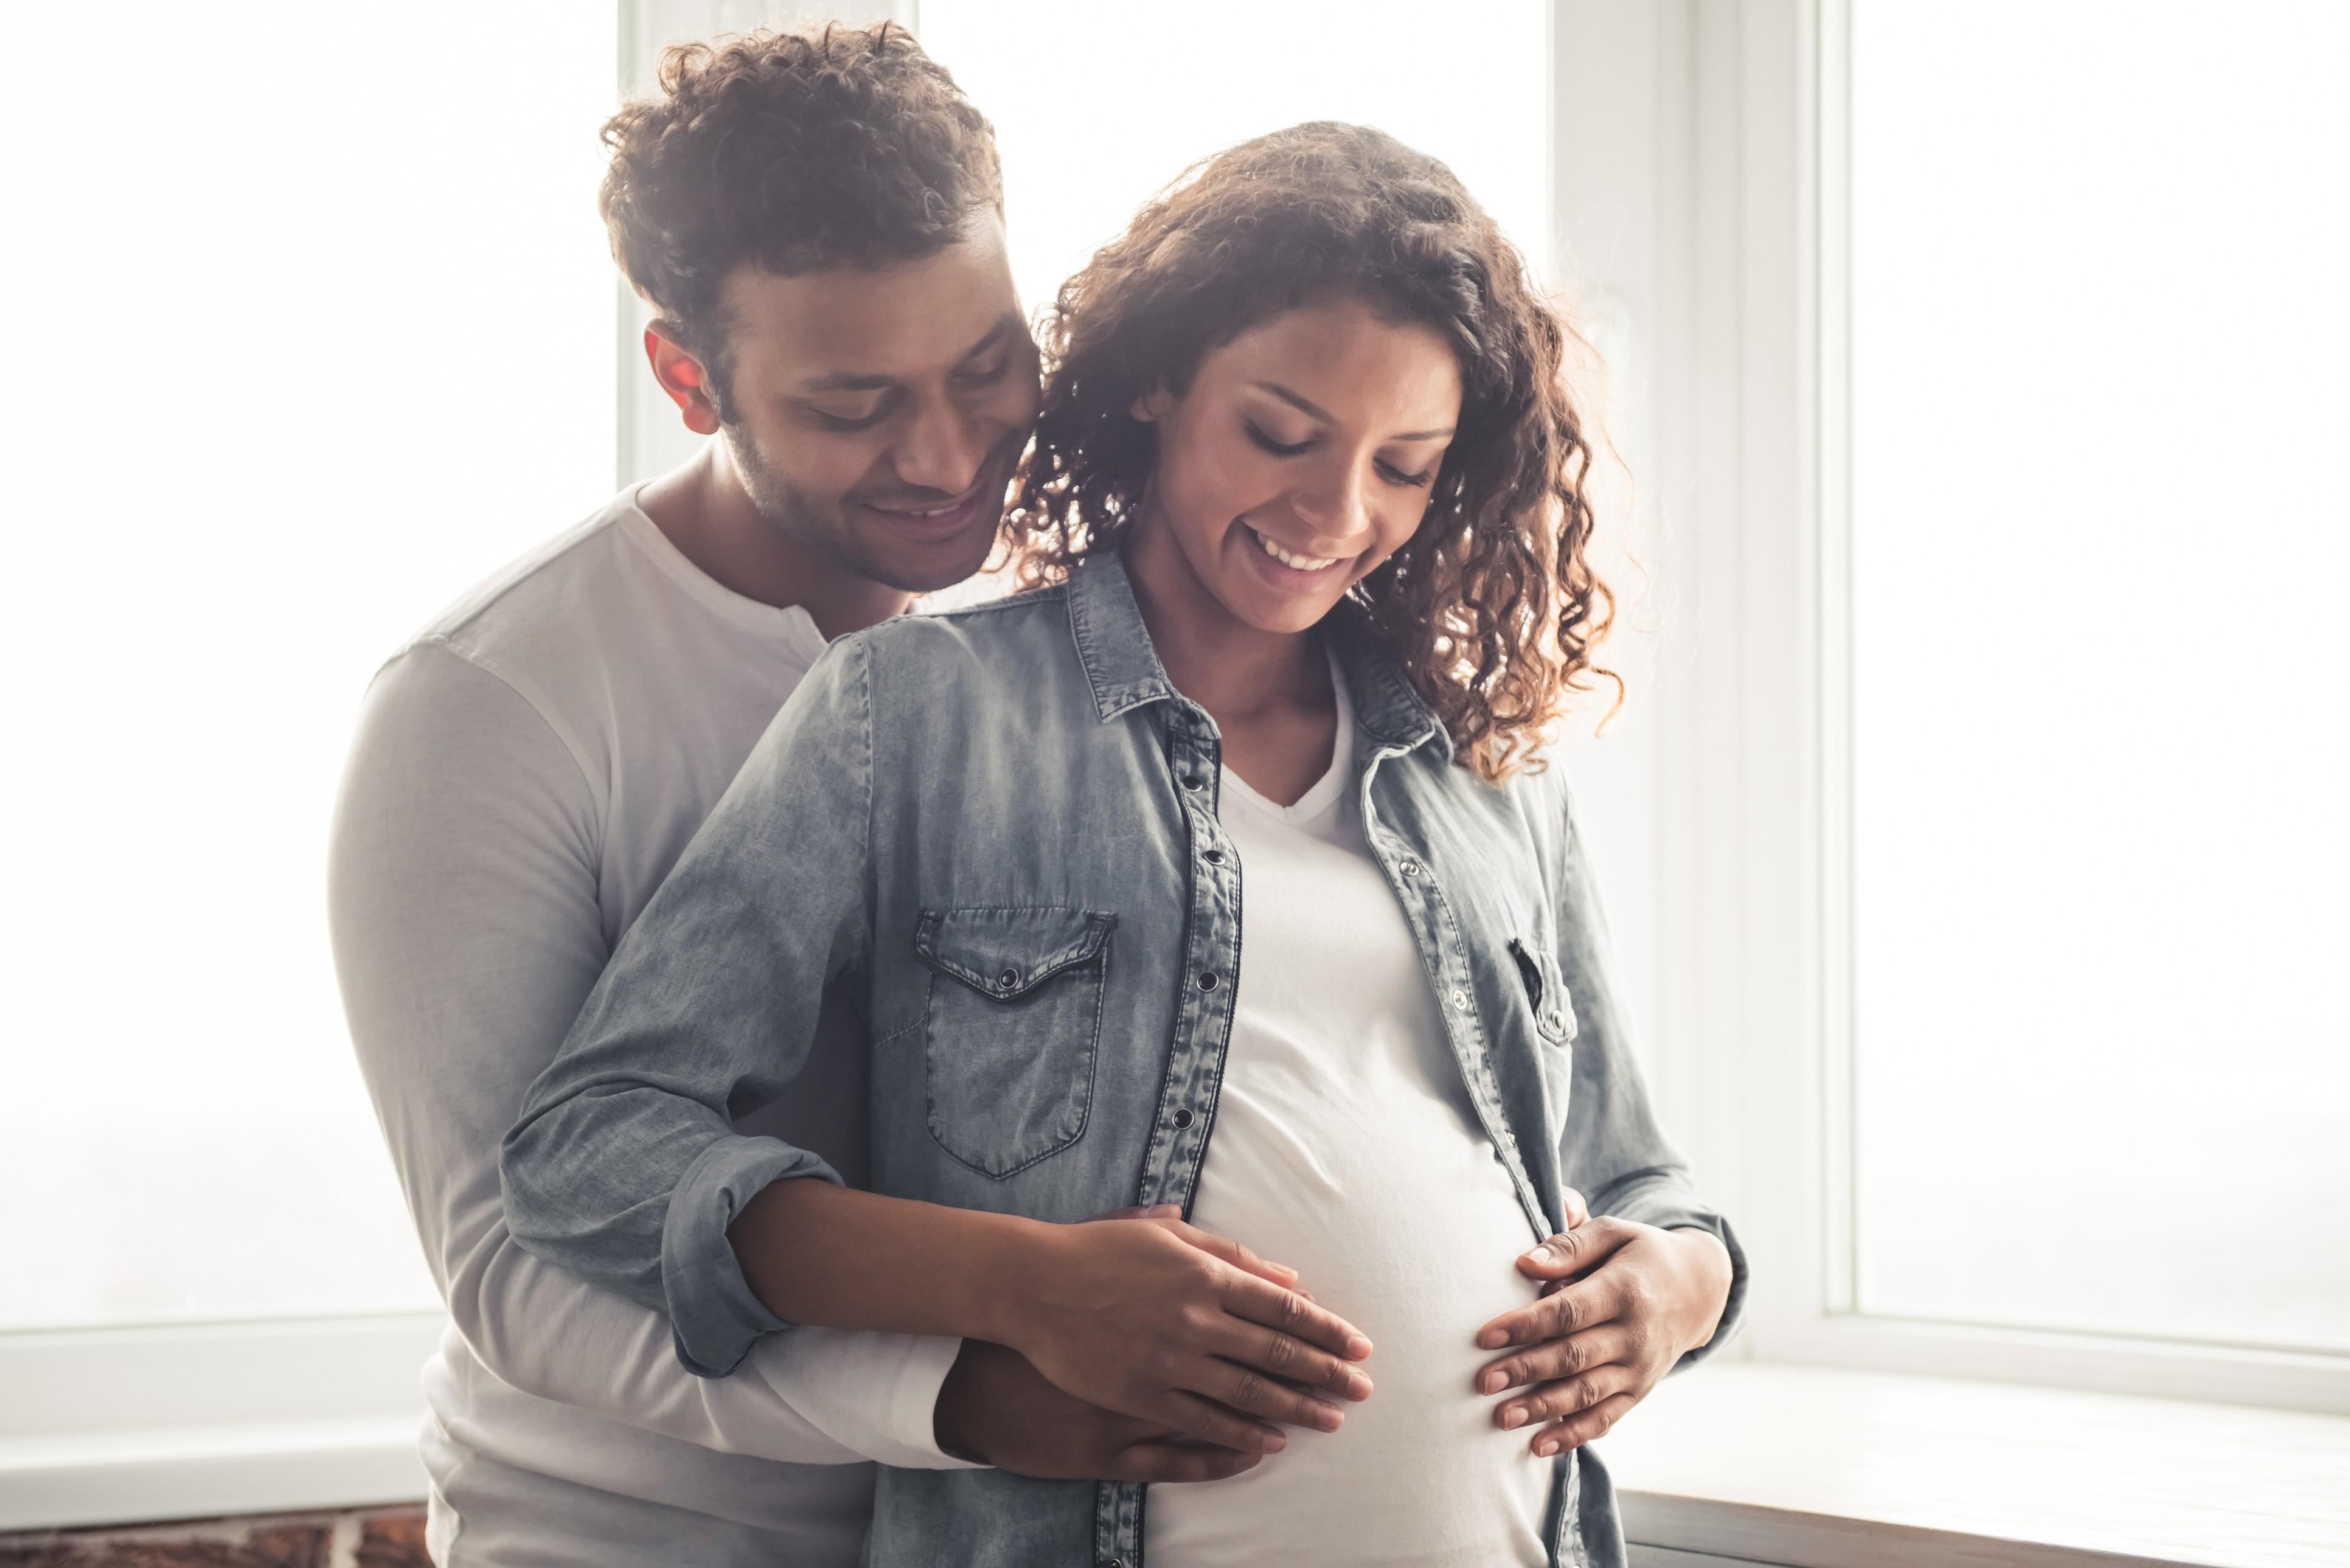 Nenhuma posição sexual é contraindicado ou arriscado para a mulher grávida (Foto: Thinkstock)